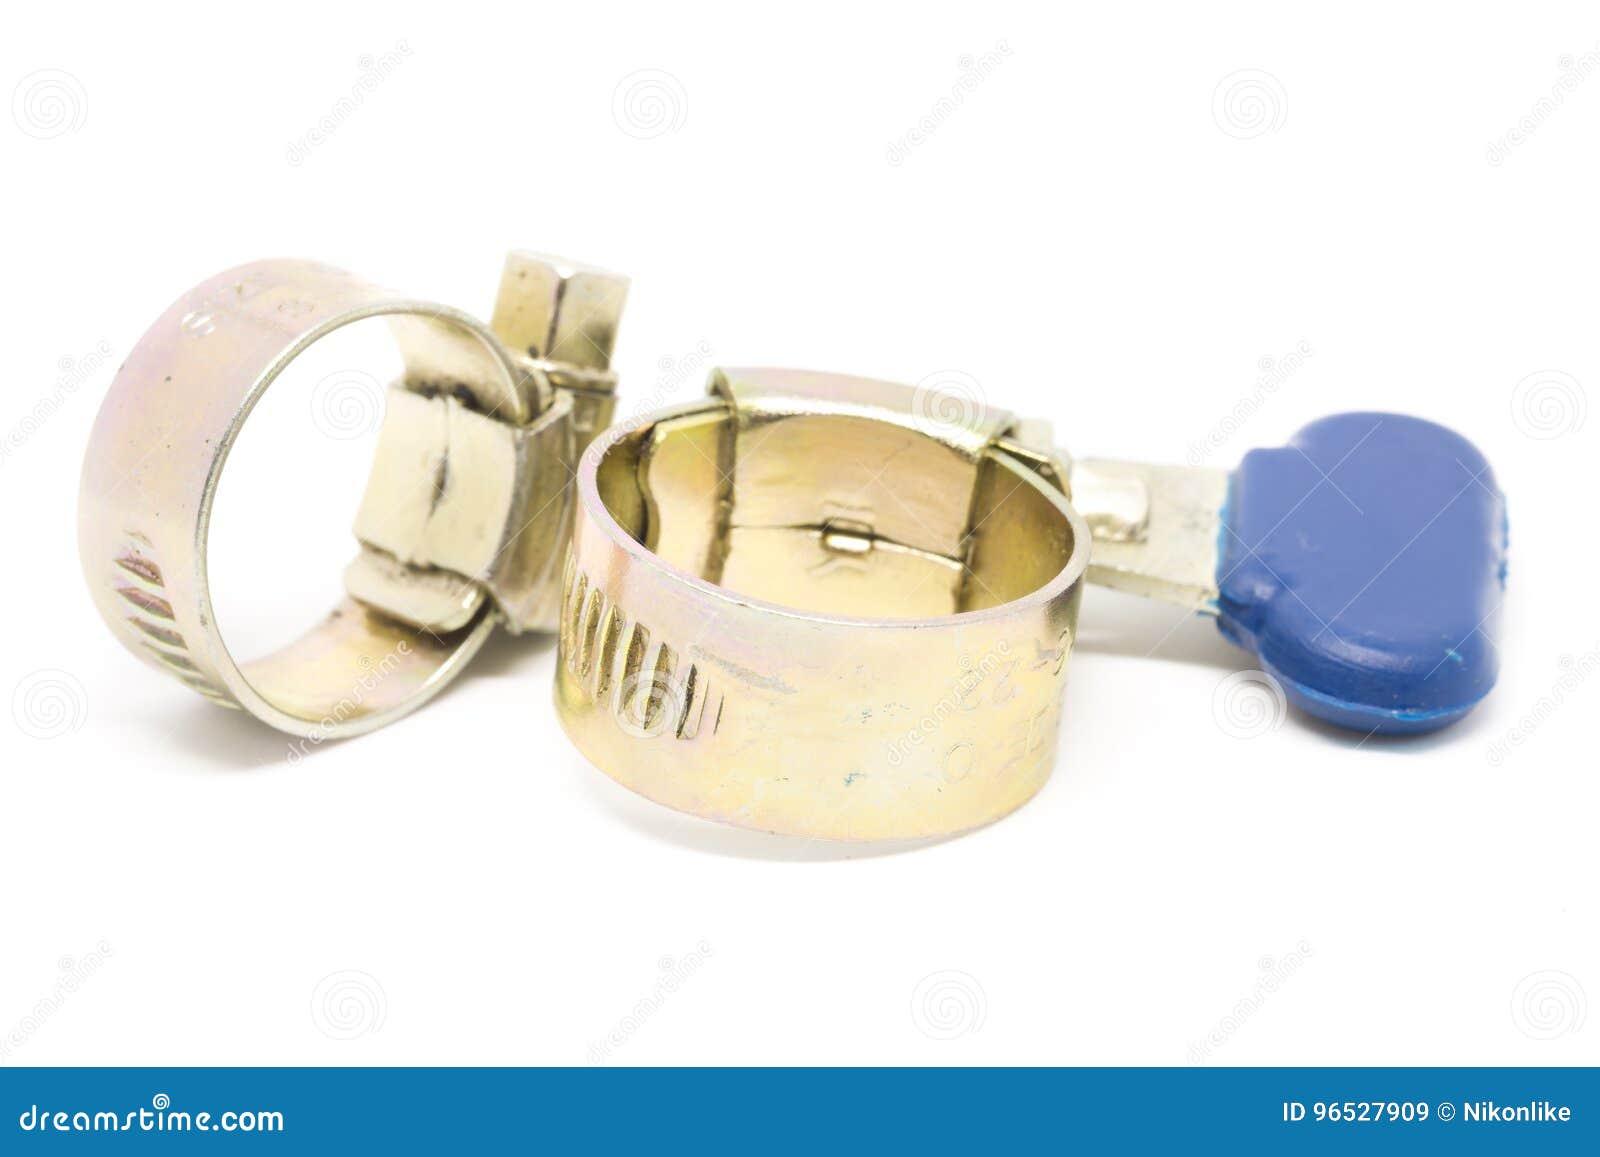 金属和合金水管皮带